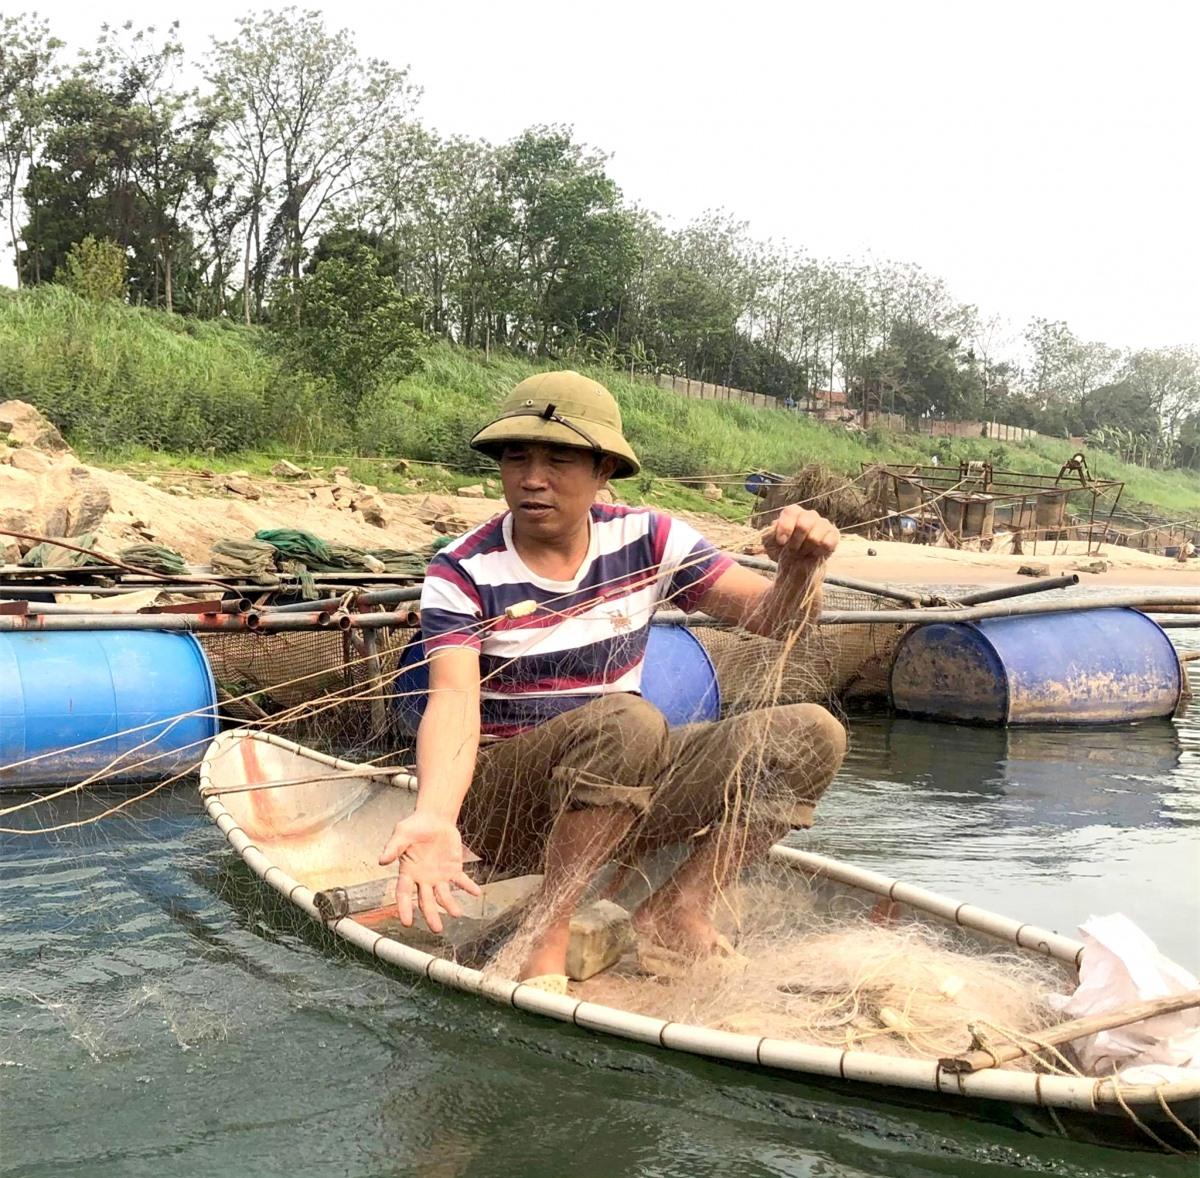 Săn cá ngạnh - giống cá da trơn, ngon nức tiếng dọc dòng Đà giang hùng vĩ - là một thú vui và cũng là nghề mang lại nguồn thu nhập khá cho ngư dân mưu sinh trên lòng hồ sông Đà.